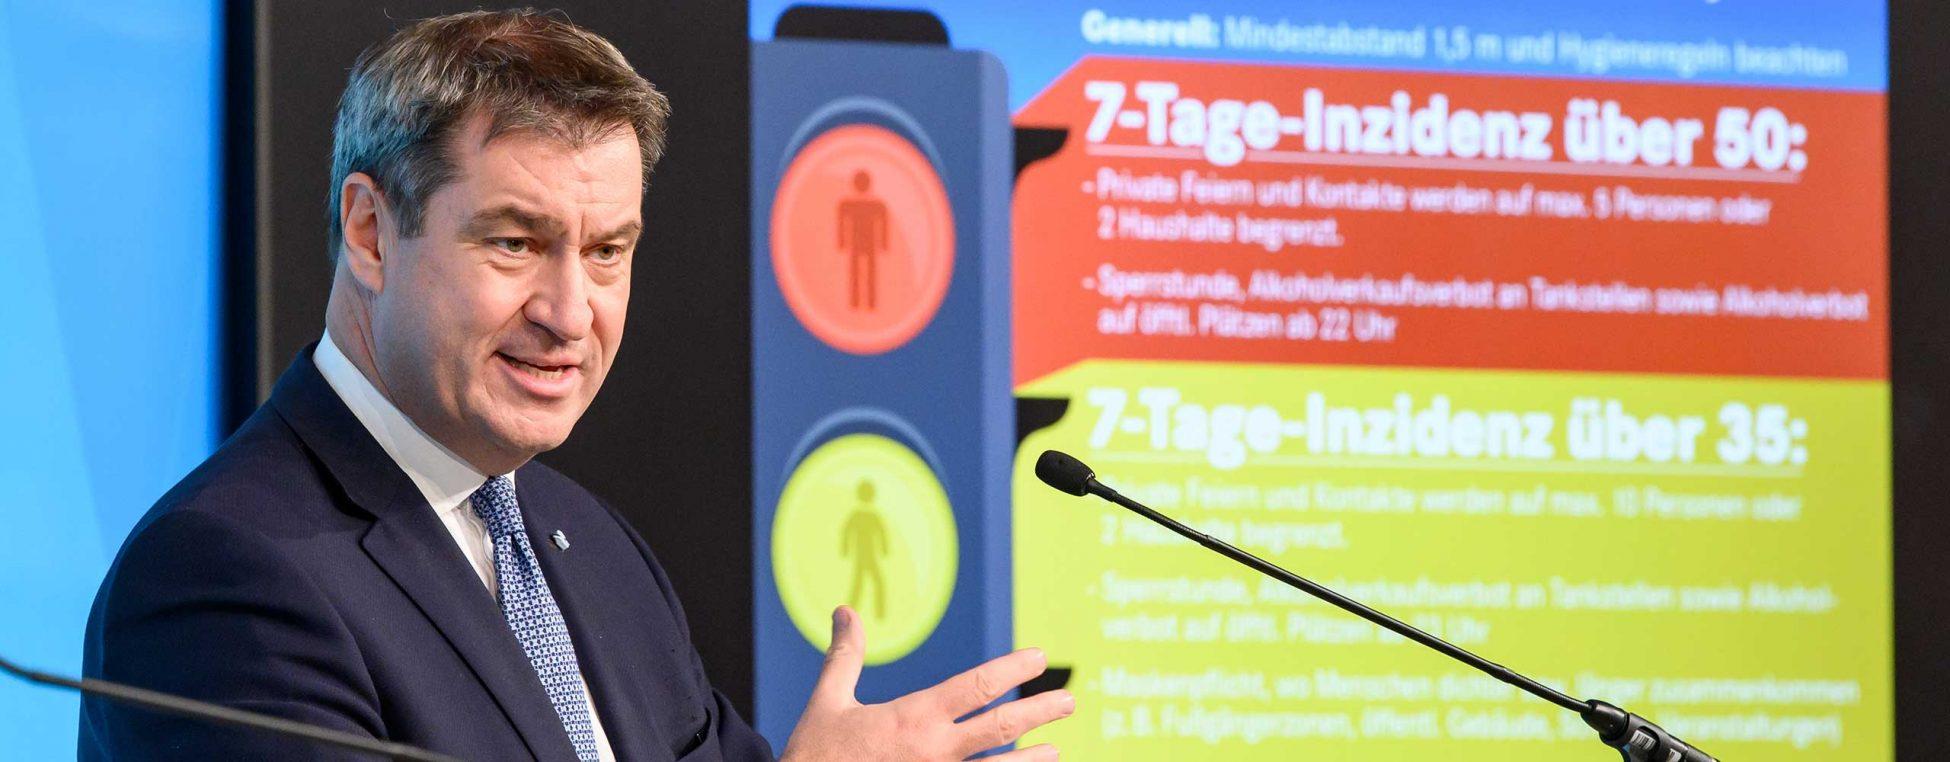 PK zur Sitzung des Ministerrates unter Leitung von Bayerns Ministerpraesident Dr. Markus Soeder. aufgenommen am 15.10.2020 in der Bayerischen Staatskanzlei in Muenchen. Foto: Joerg Koch/ Bayerische Staatskanzlei